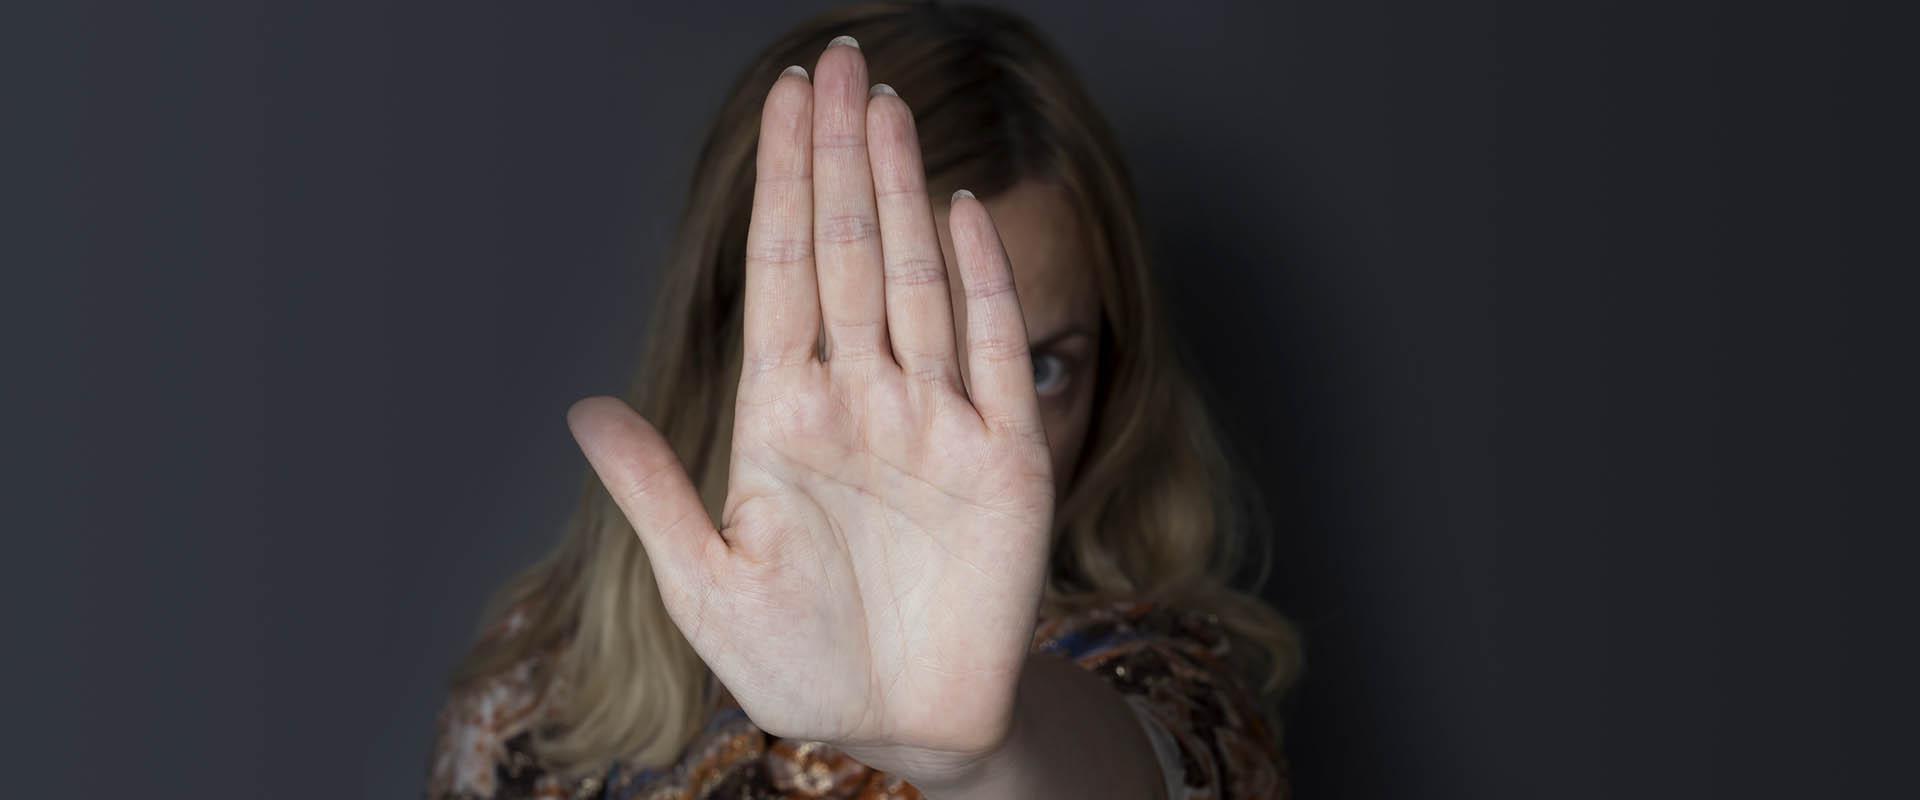 Pologne: l'avortement entre tabou et hypocrisie